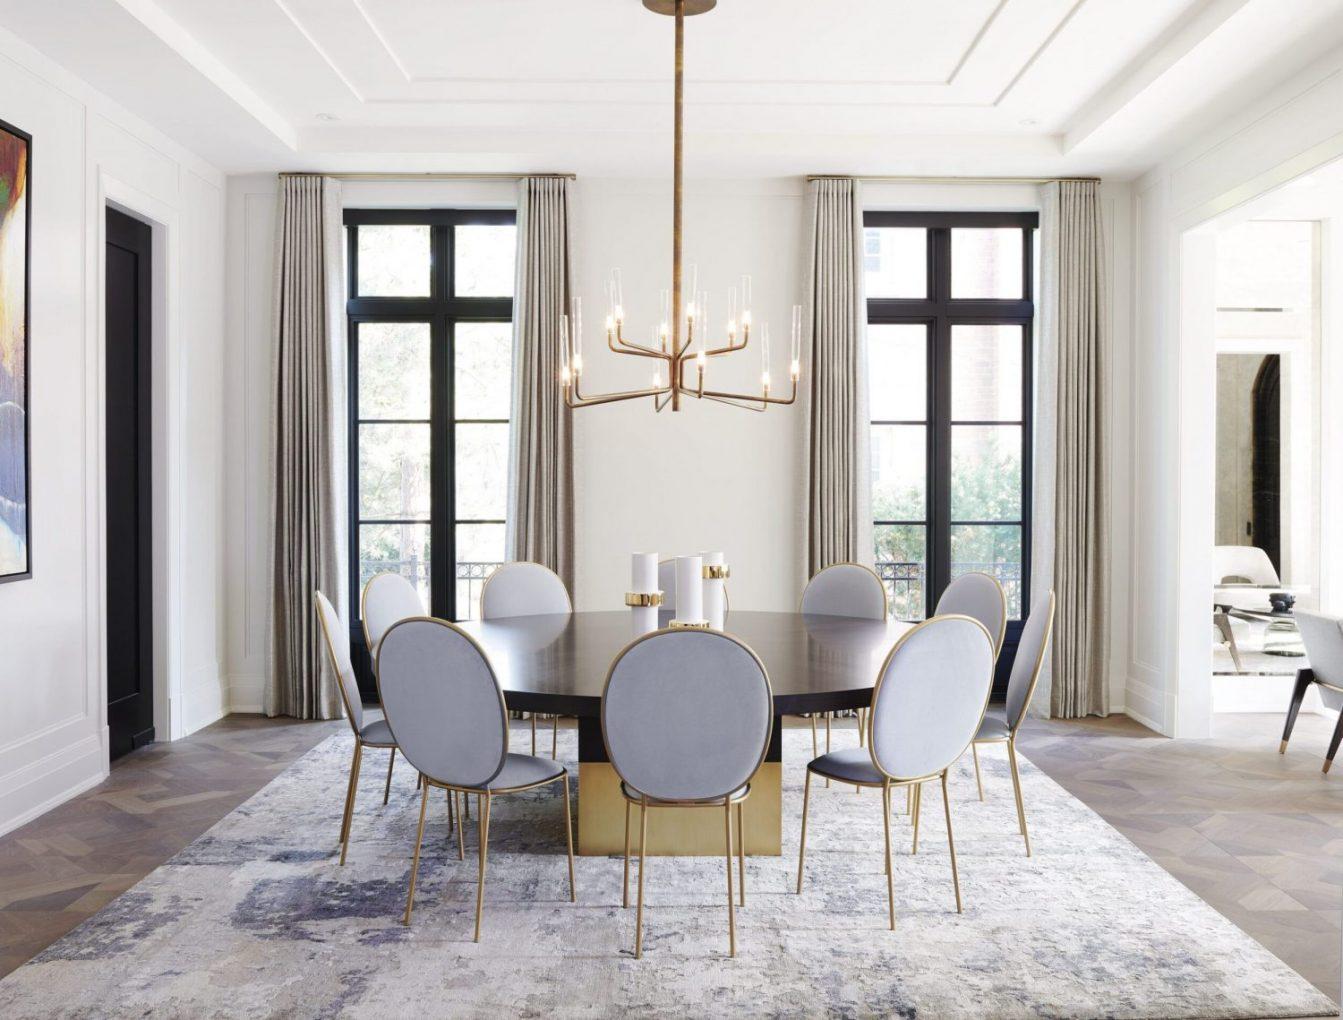 toronto Get To Know The Best Interior Designers From Toronto 71e4d52ac9a188001da3542c1372af32 scaled